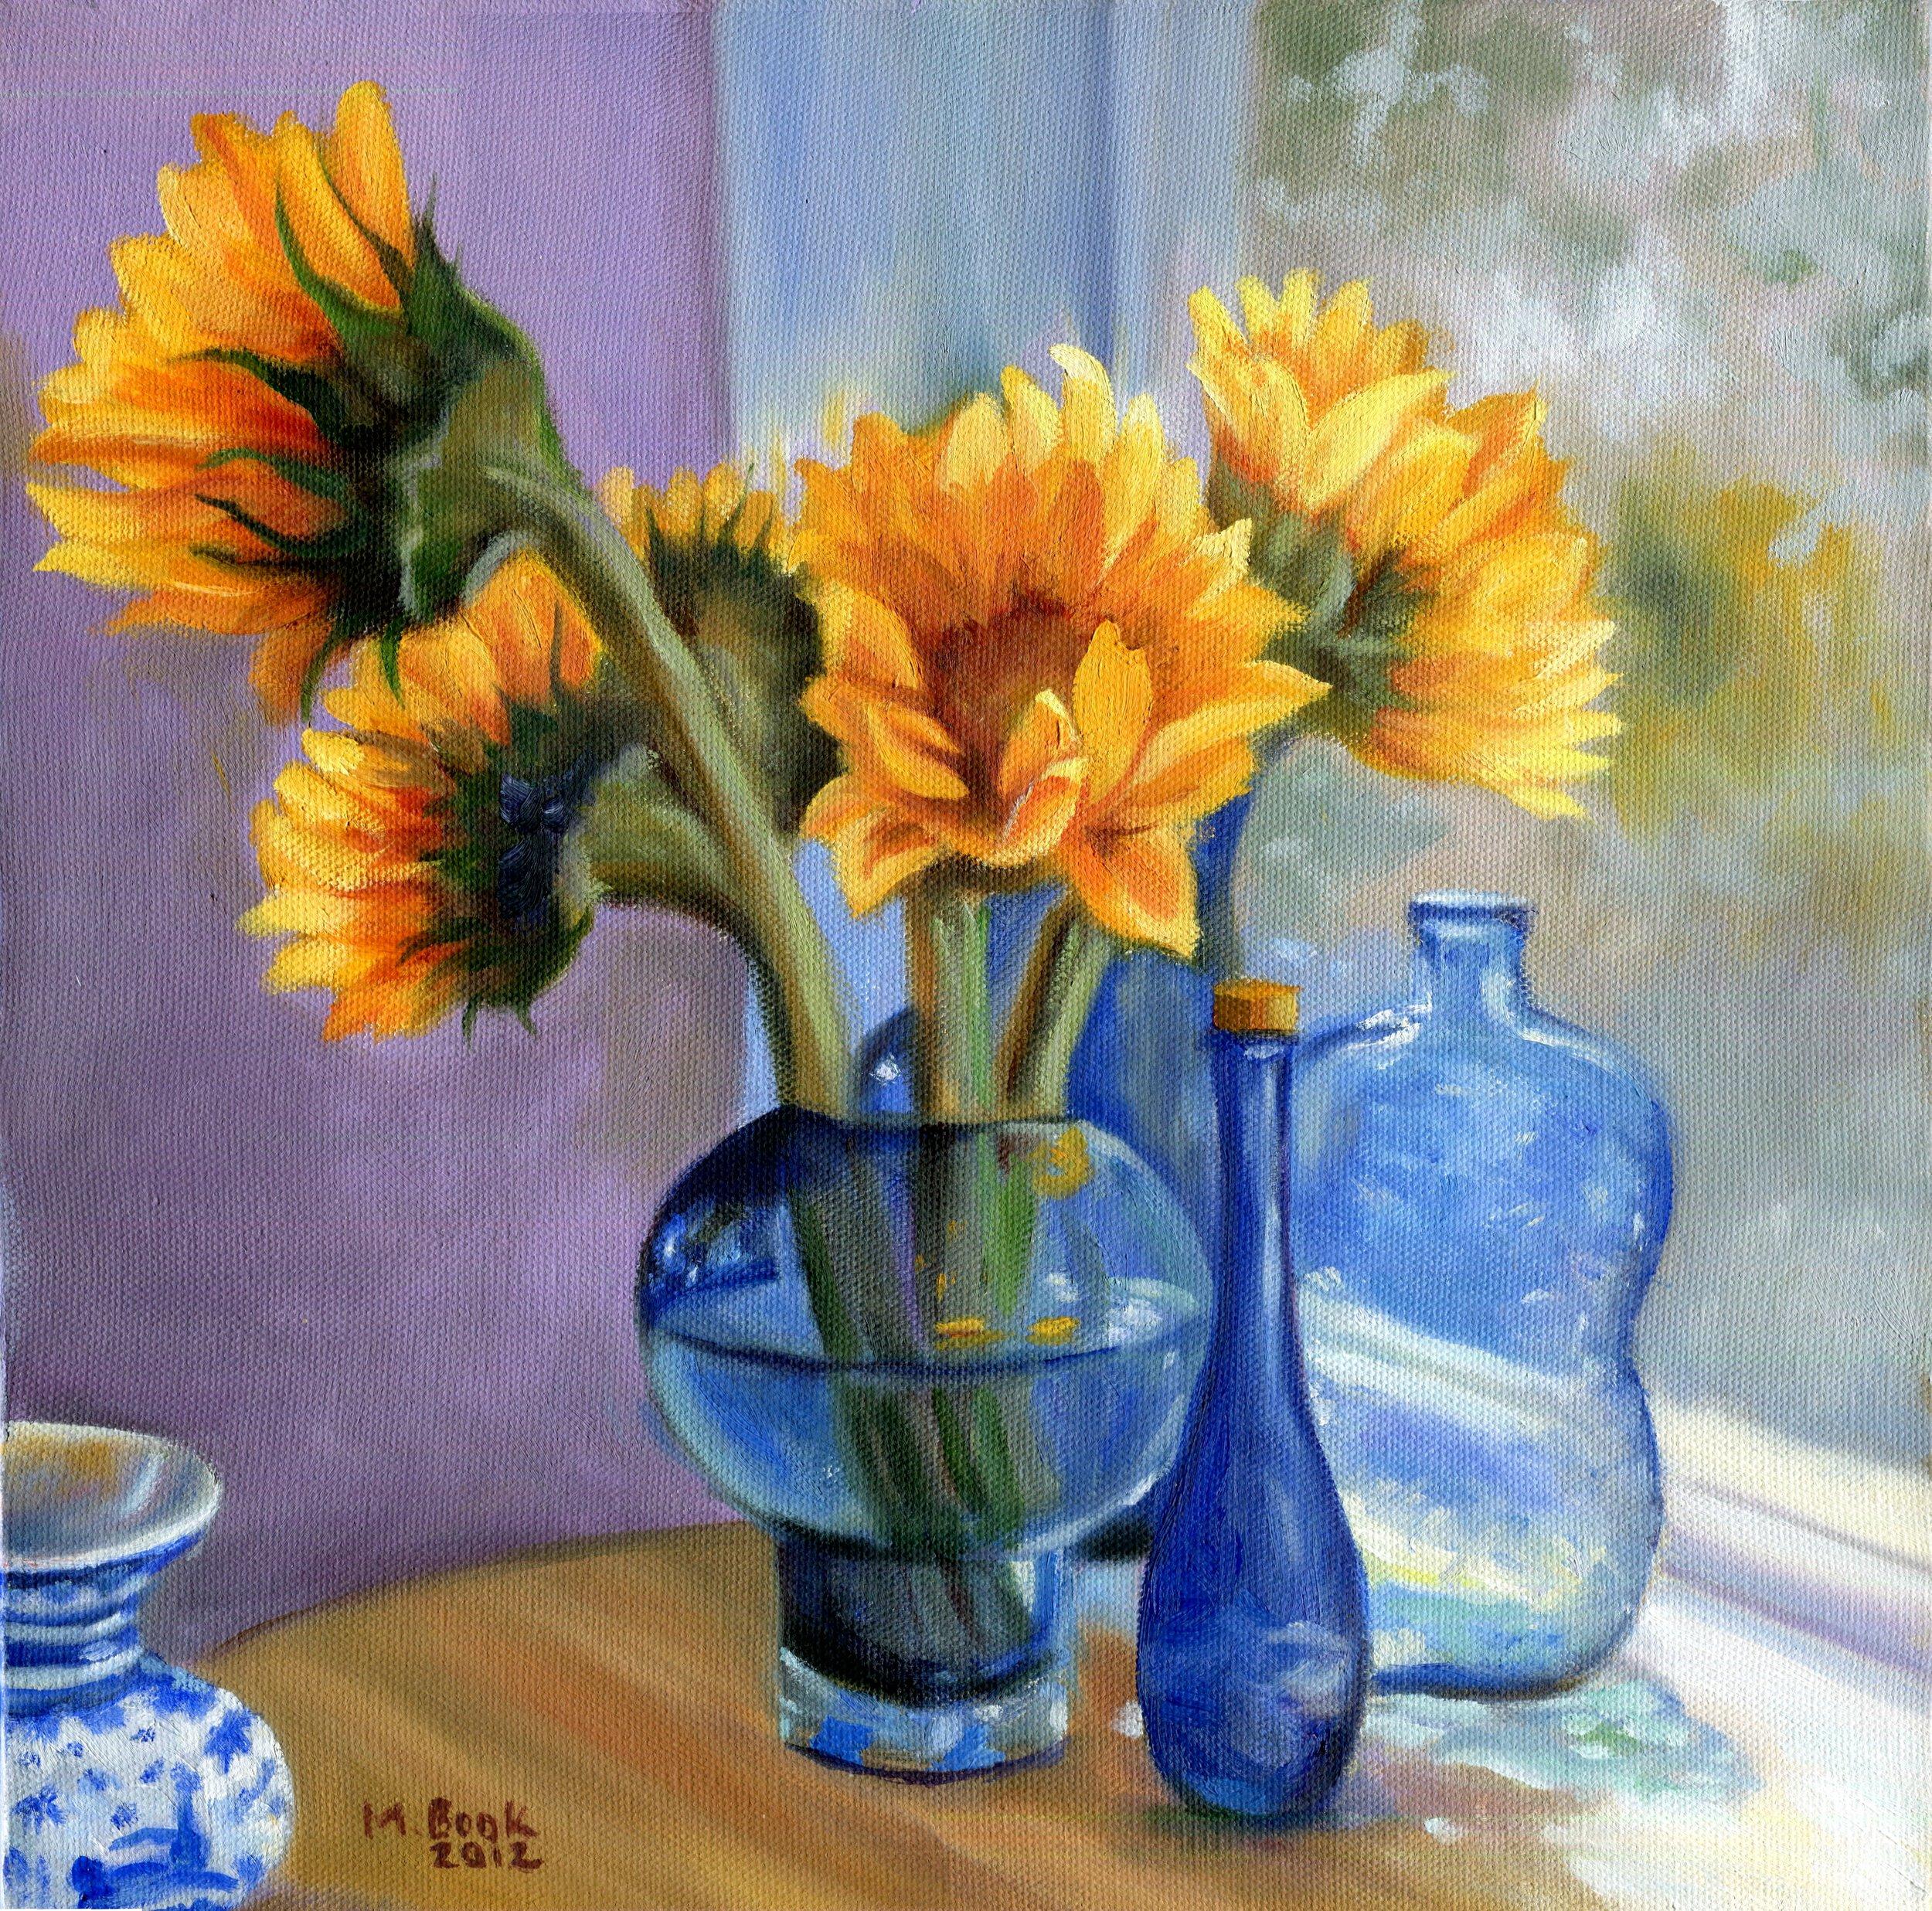 Sunflowers and Blue Bottles.JPG